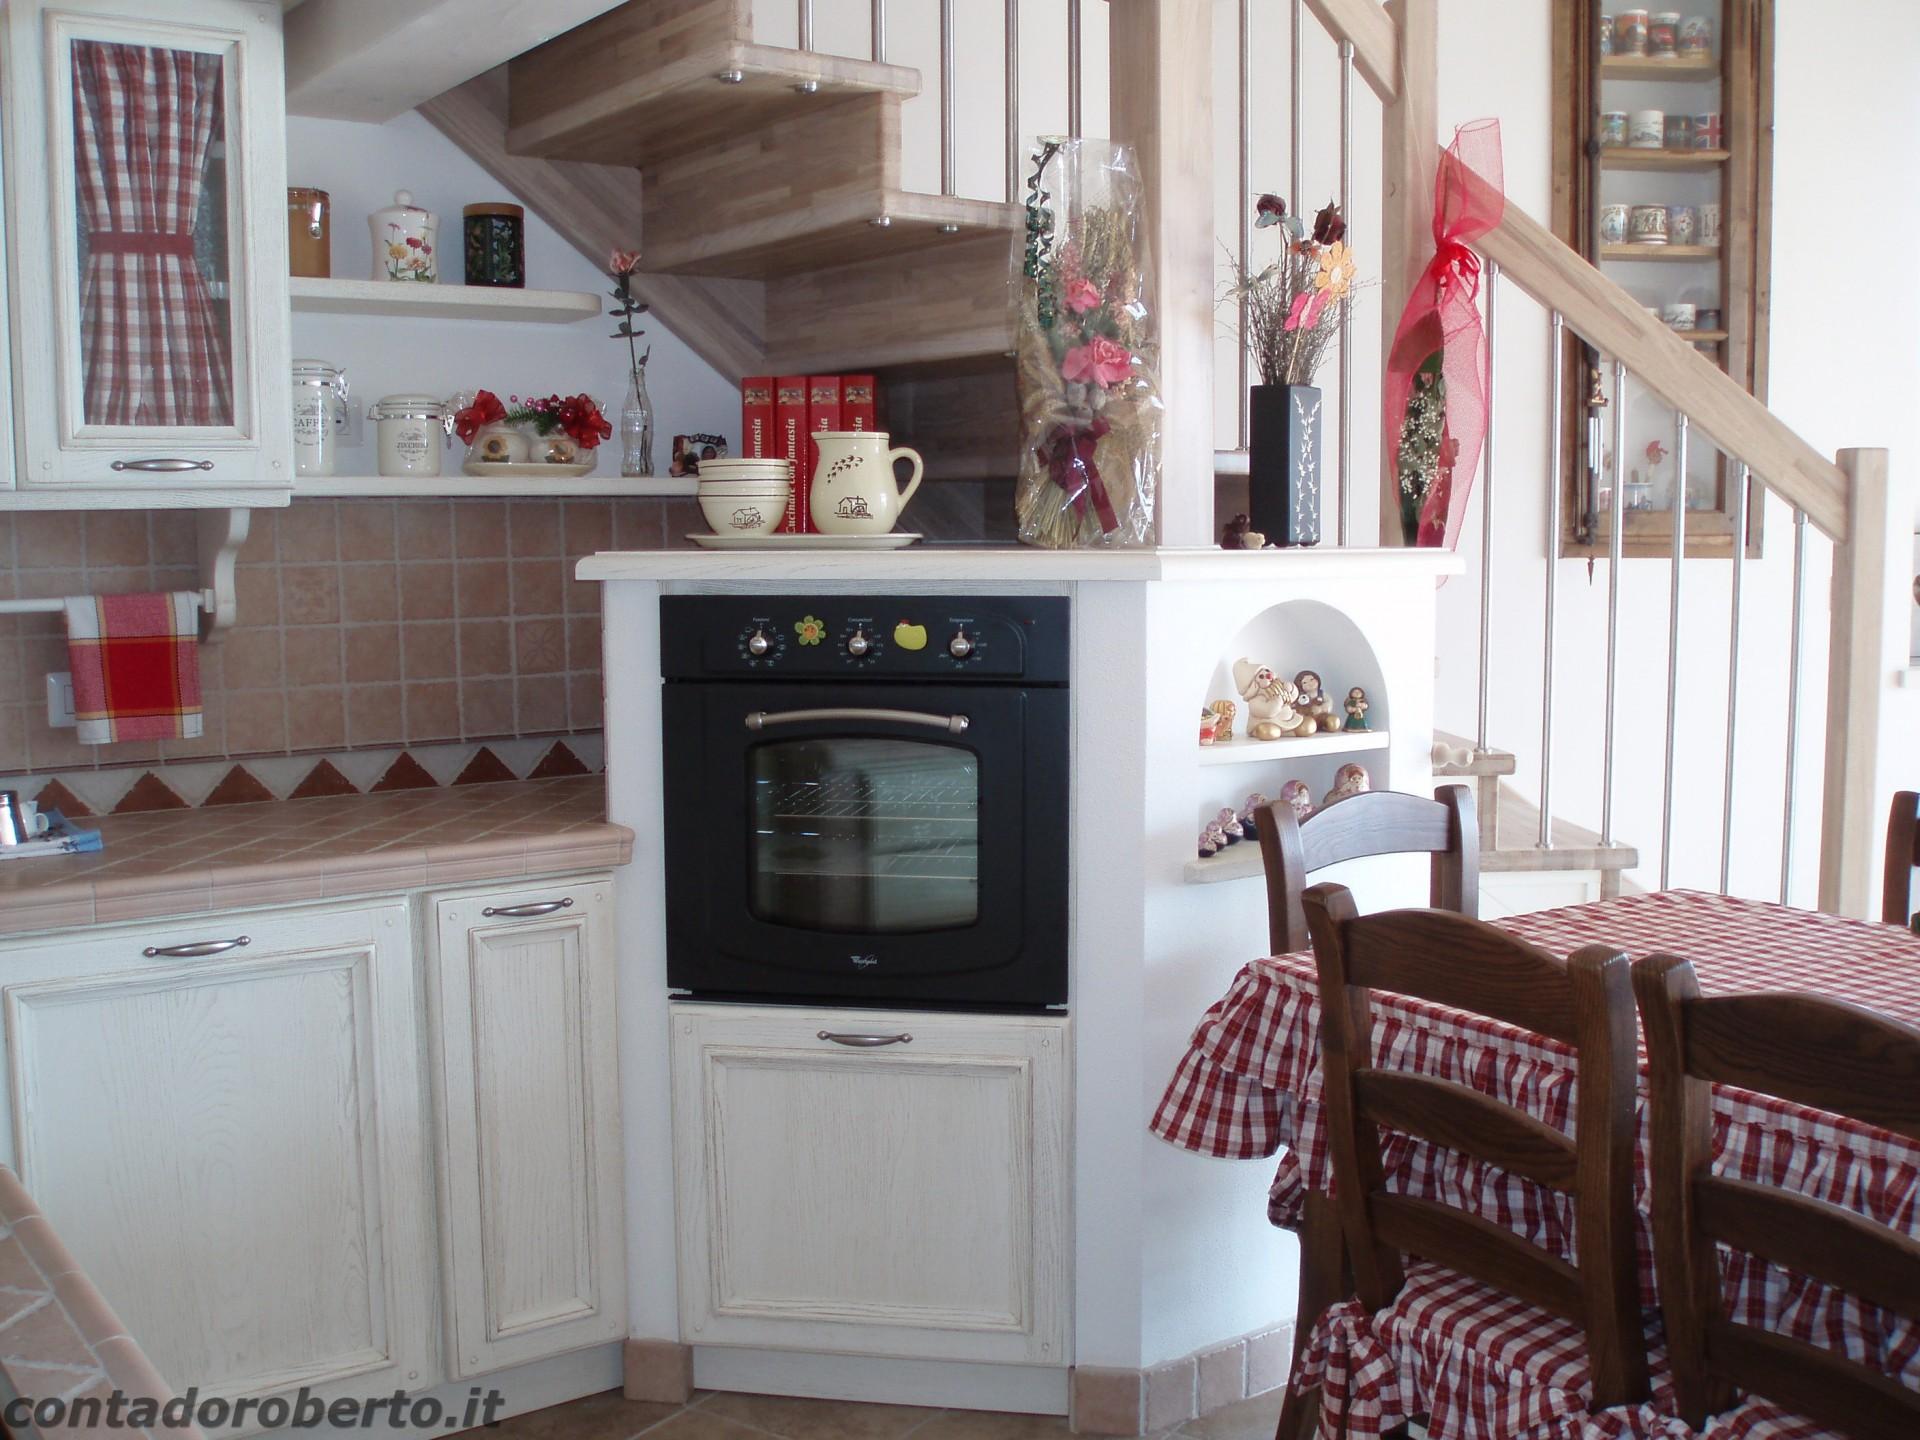 Cucina in muratura sotto soppalco contado roberto group for Pensili cucina in muratura